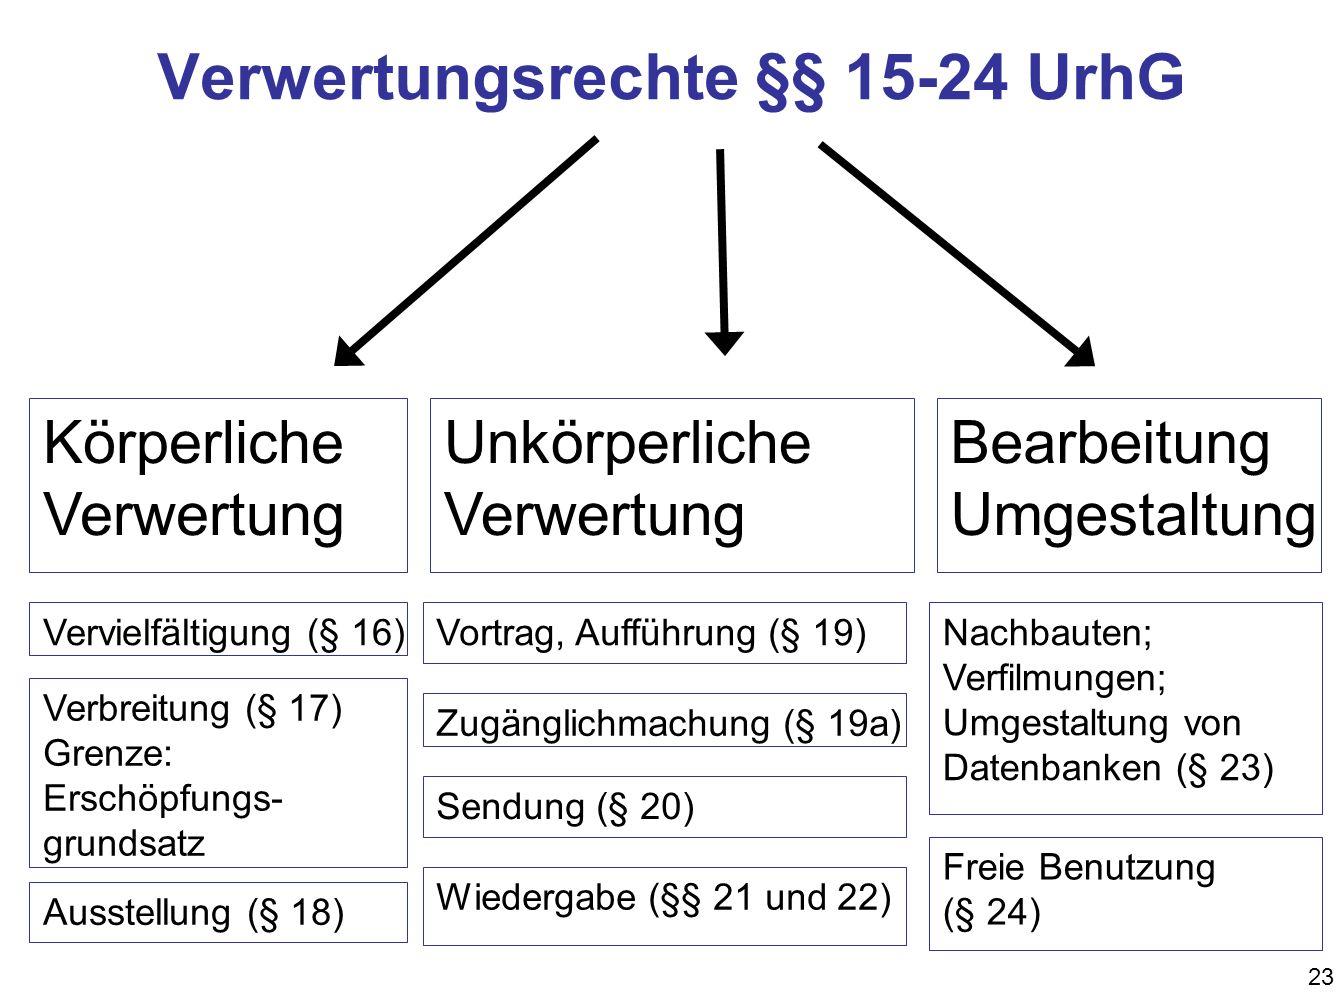 23 Verwertungsrechte §§ 15-24 UrhG Körperliche Verwertung Vervielfältigung (§ 16) Verbreitung (§ 17) Grenze: Erschöpfungs- grundsatz Ausstellung (§ 18) Unkörperliche Verwertung Vortrag, Aufführung (§ 19) Zugänglichmachung (§ 19a) Sendung (§ 20) Wiedergabe (§§ 21 und 22) Bearbeitung Umgestaltung Nachbauten; Verfilmungen; Umgestaltung von Datenbanken (§ 23) Freie Benutzung (§ 24)